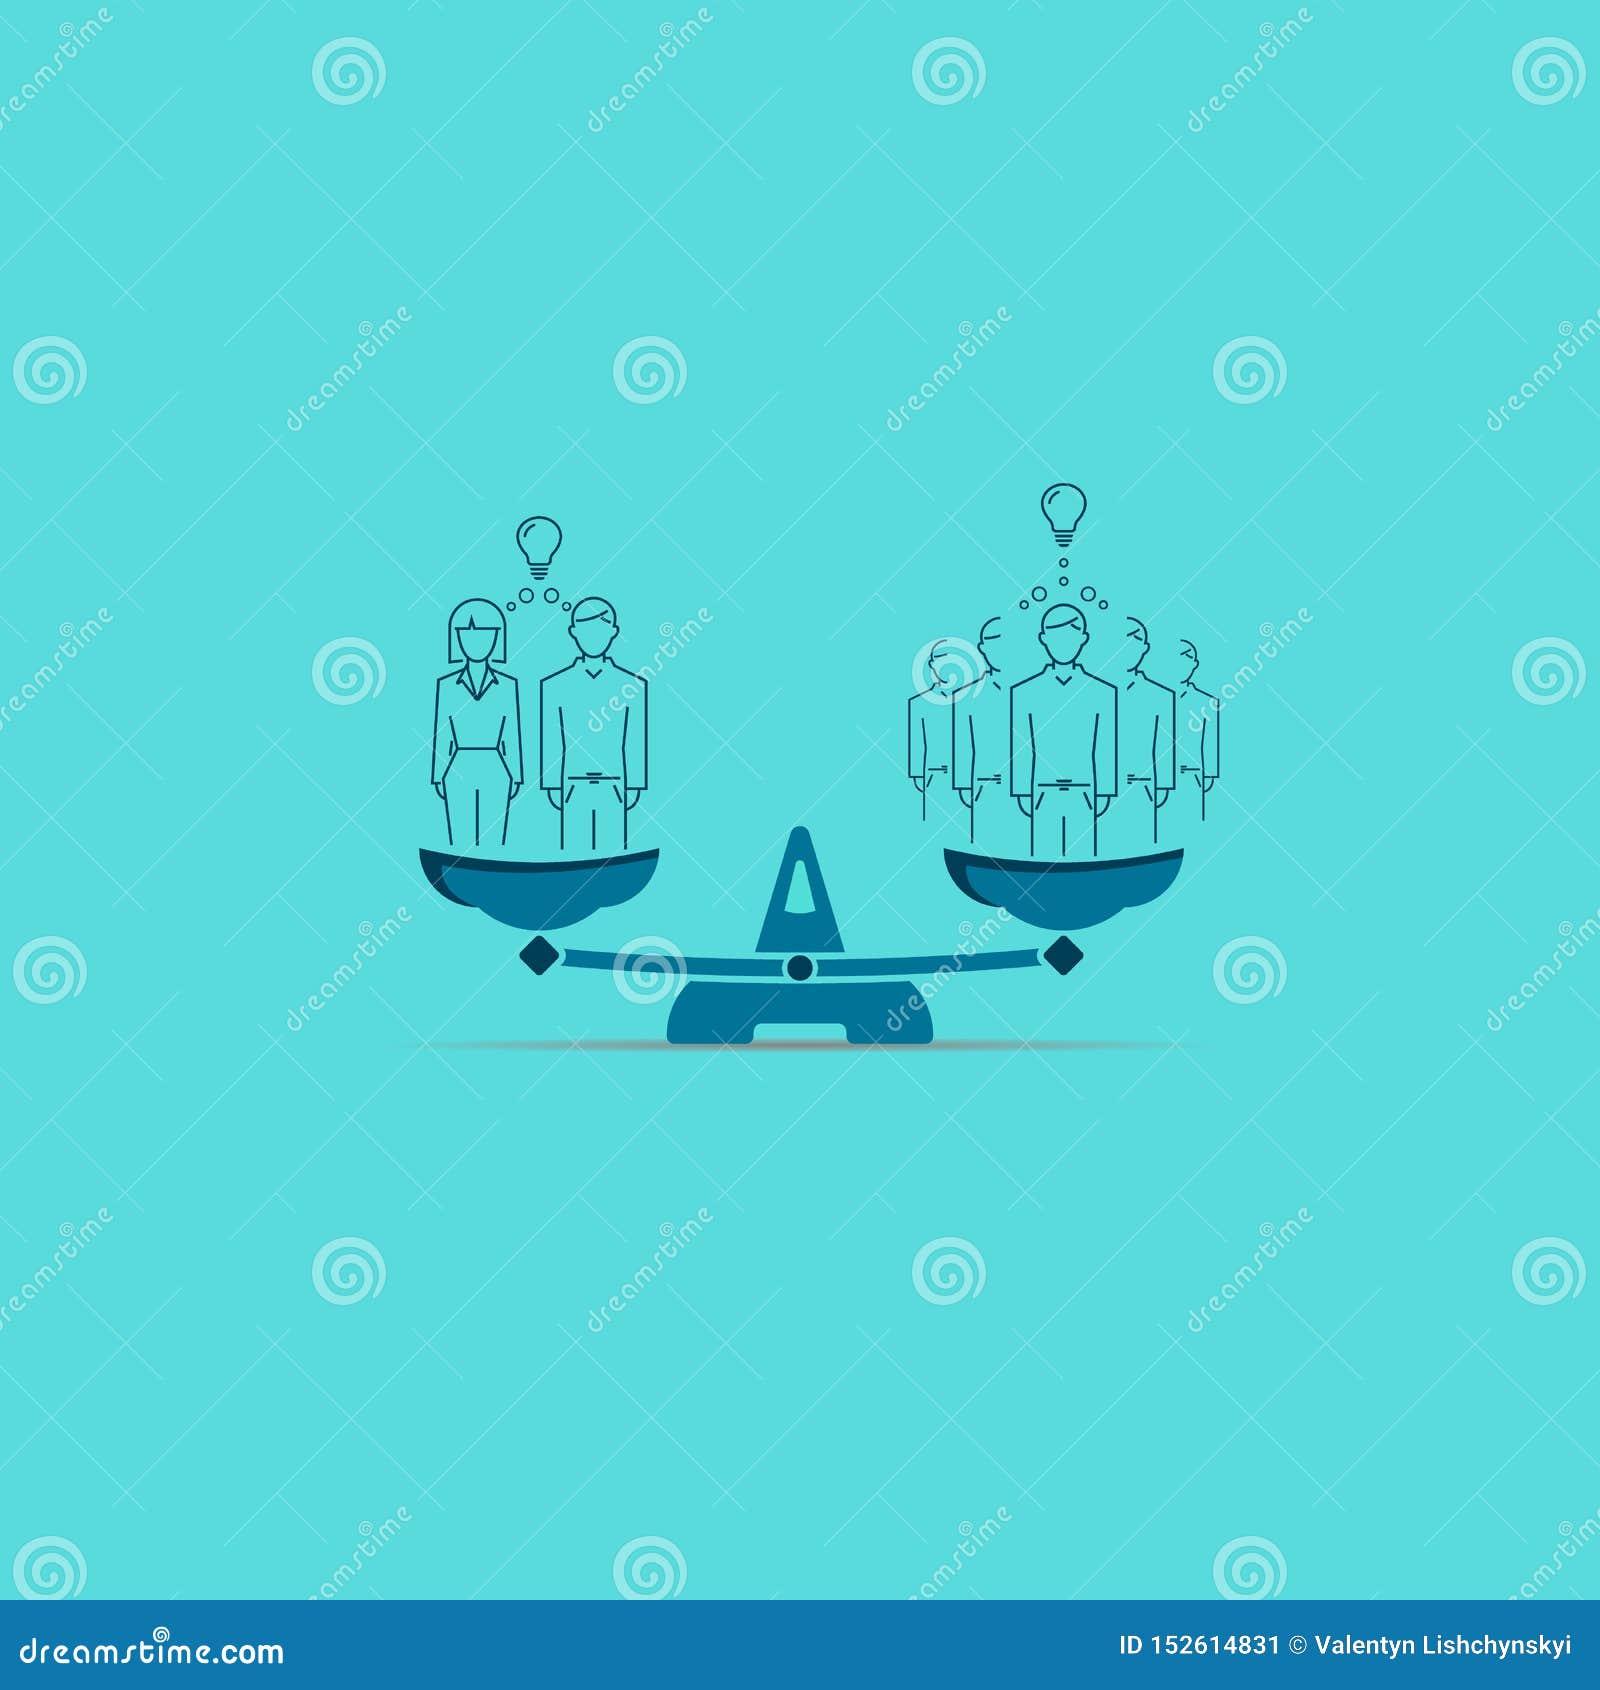 η οικογένεια στην επιχείρηση είναι καλύτερη από πέντε άτομα απεικόνιση στις κλίμακες διανυσματικό σύμβολο